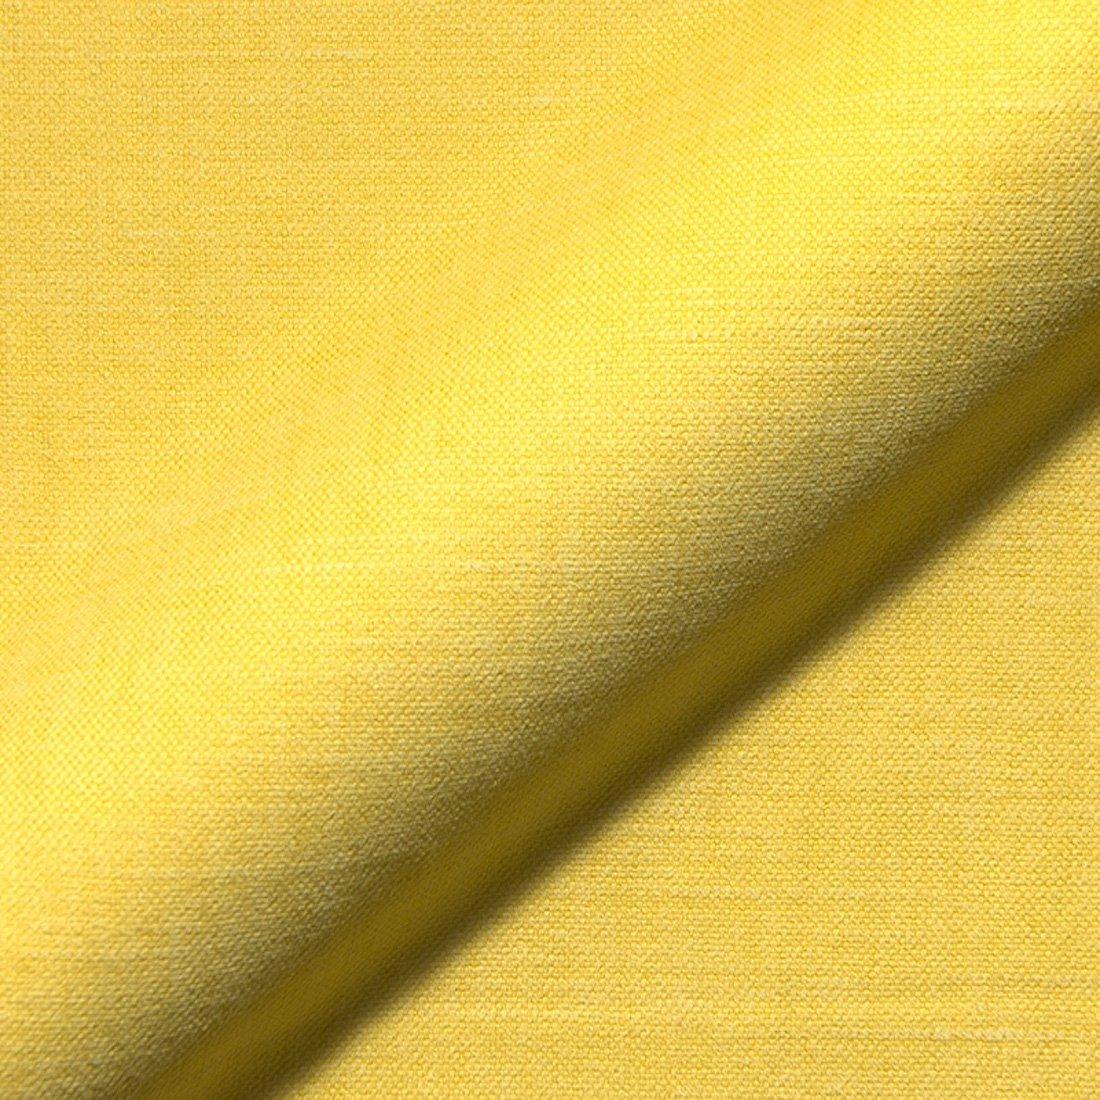 Stoff Polsterstoff Möbelstoff Bezugsstoff Meterware für Stühle, Eckbänke, etc. - Vento Gelb Uni - MUSTER Eckbänke MiBiento Living